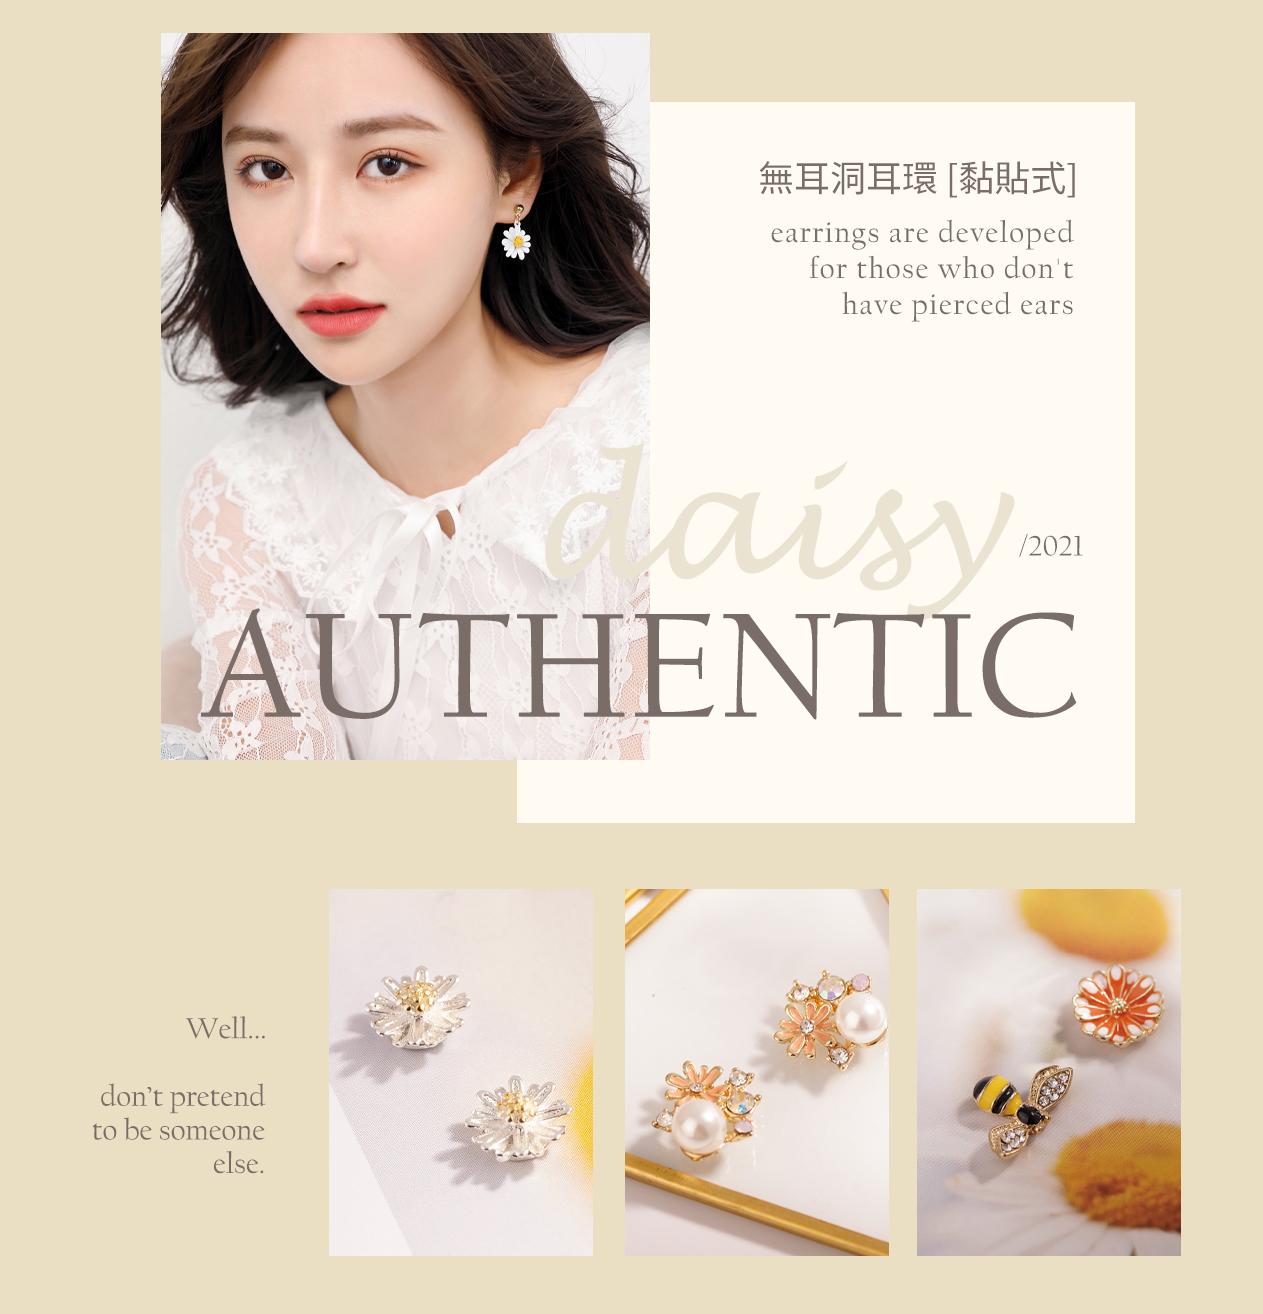 無耳洞黏貼式耳環- authentic daisy